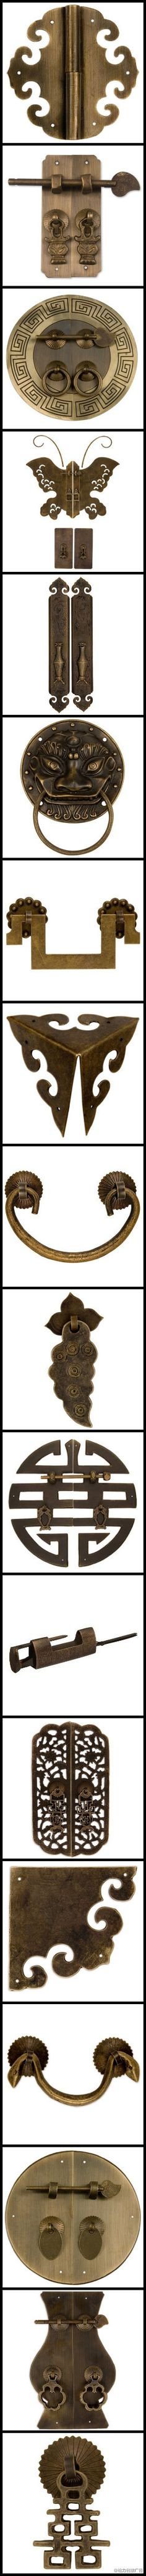 Hinges n locks antique